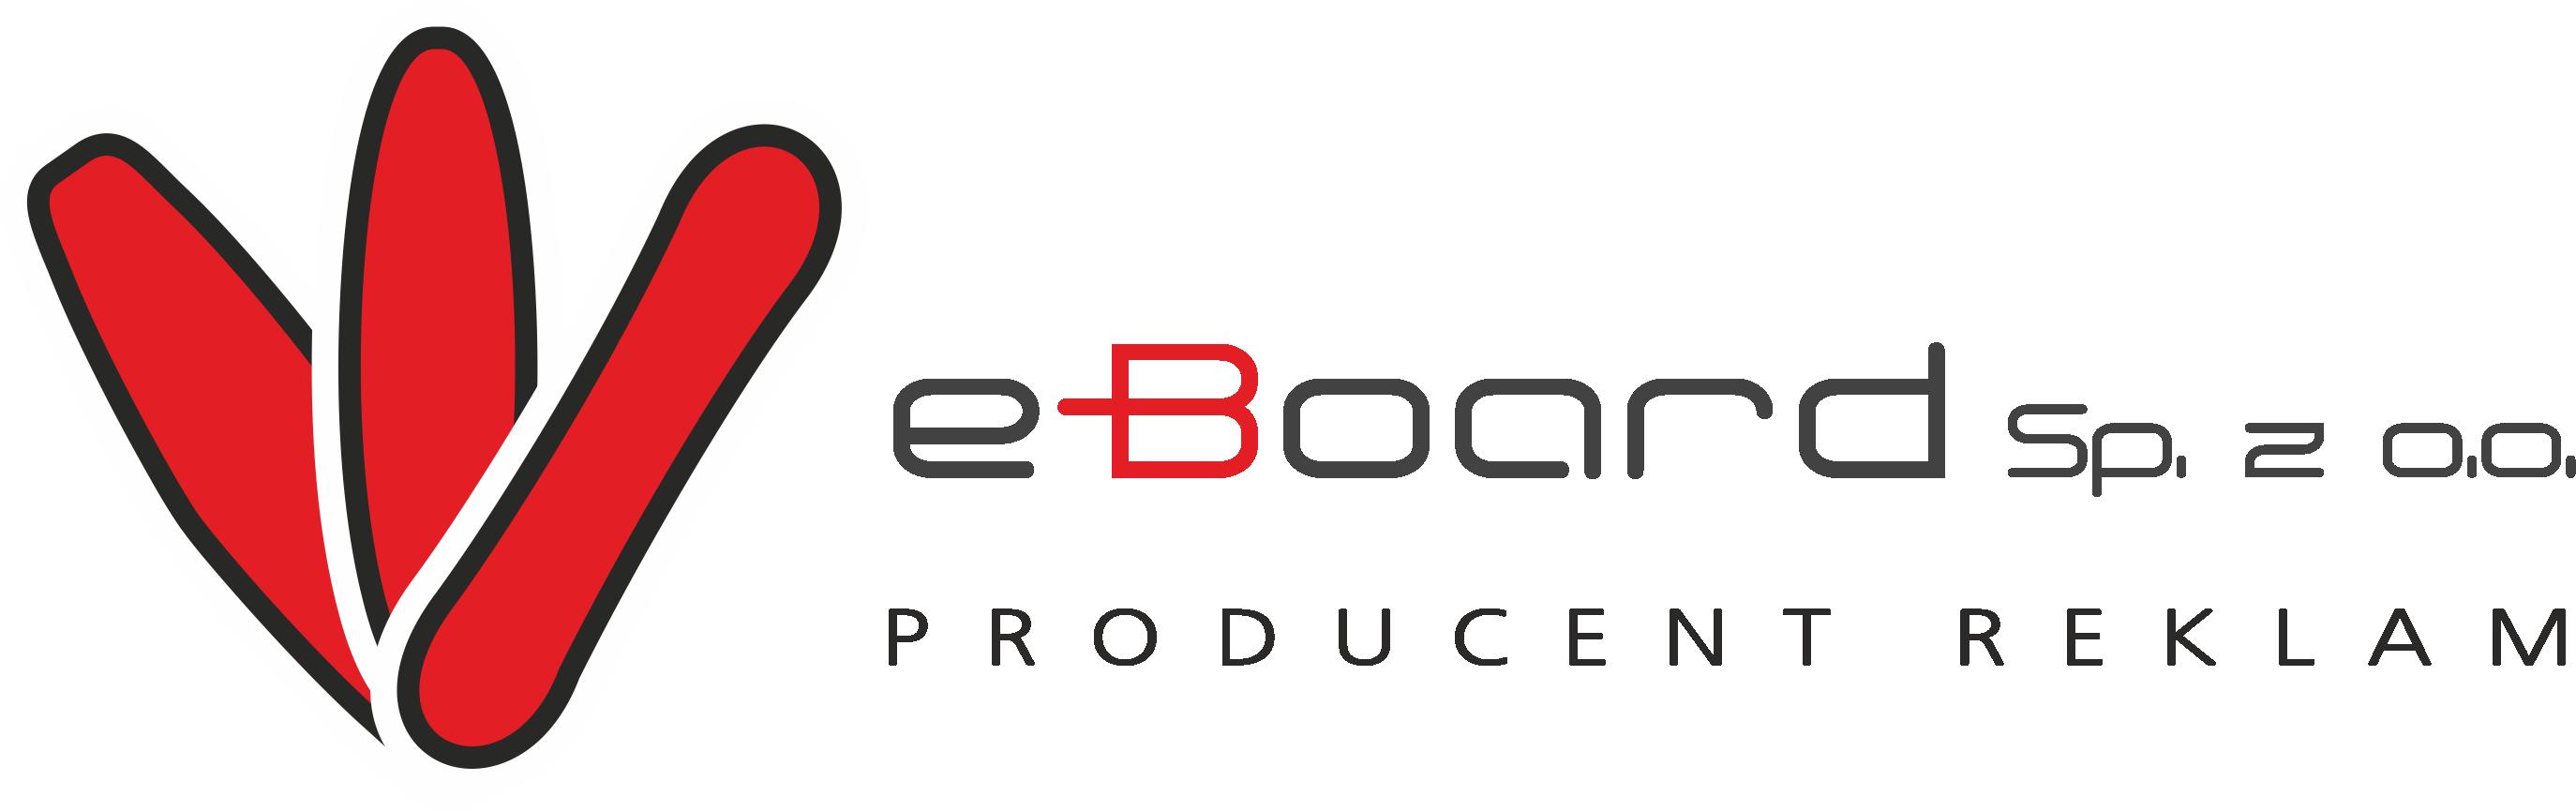 E-board Producent reklam z 30 letnim stażem w branży